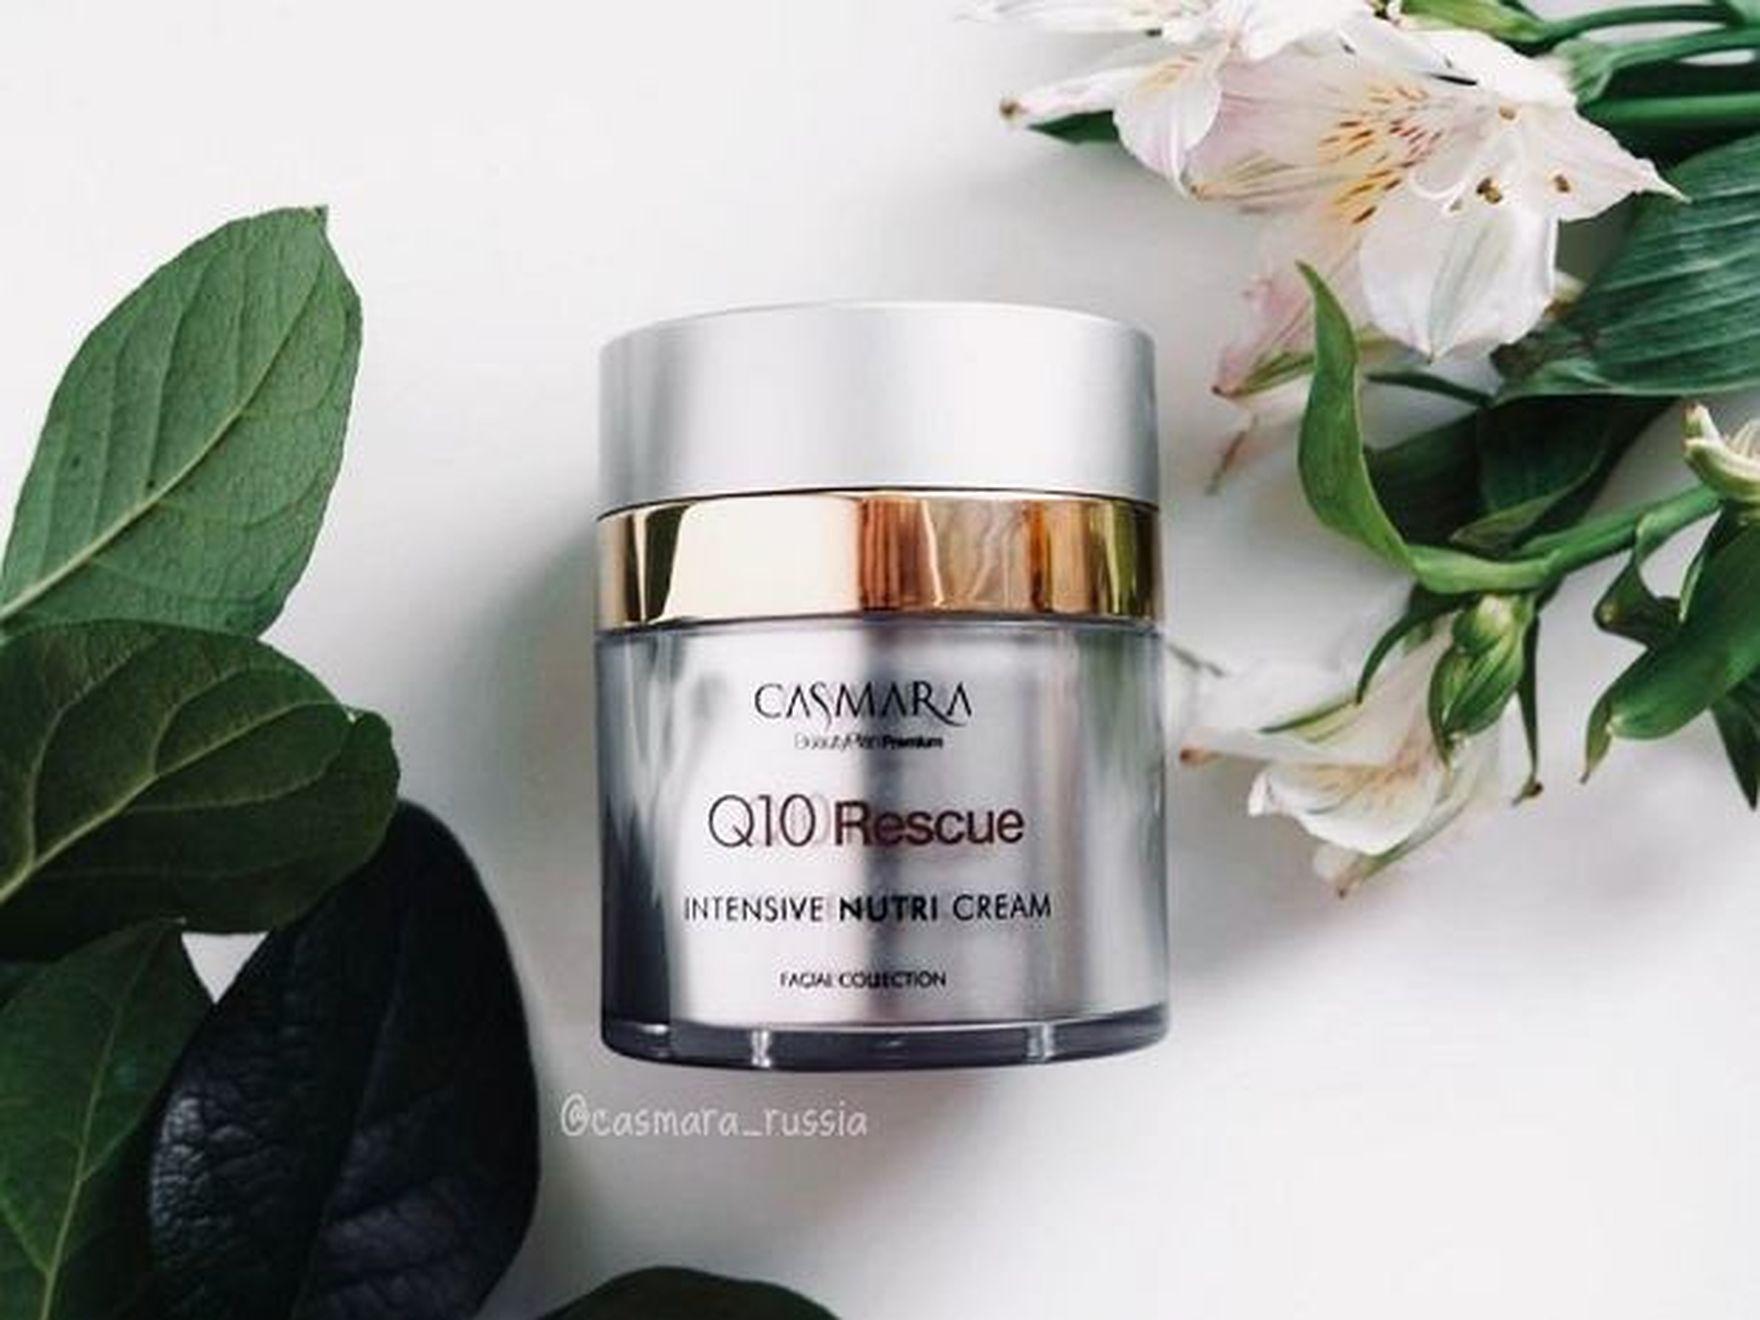 Kosmetyki na zmarszczki, które wygładzą skórę i sprawią, że będziesz wyglądać młodziej! TOP 12 produków, które warto znać